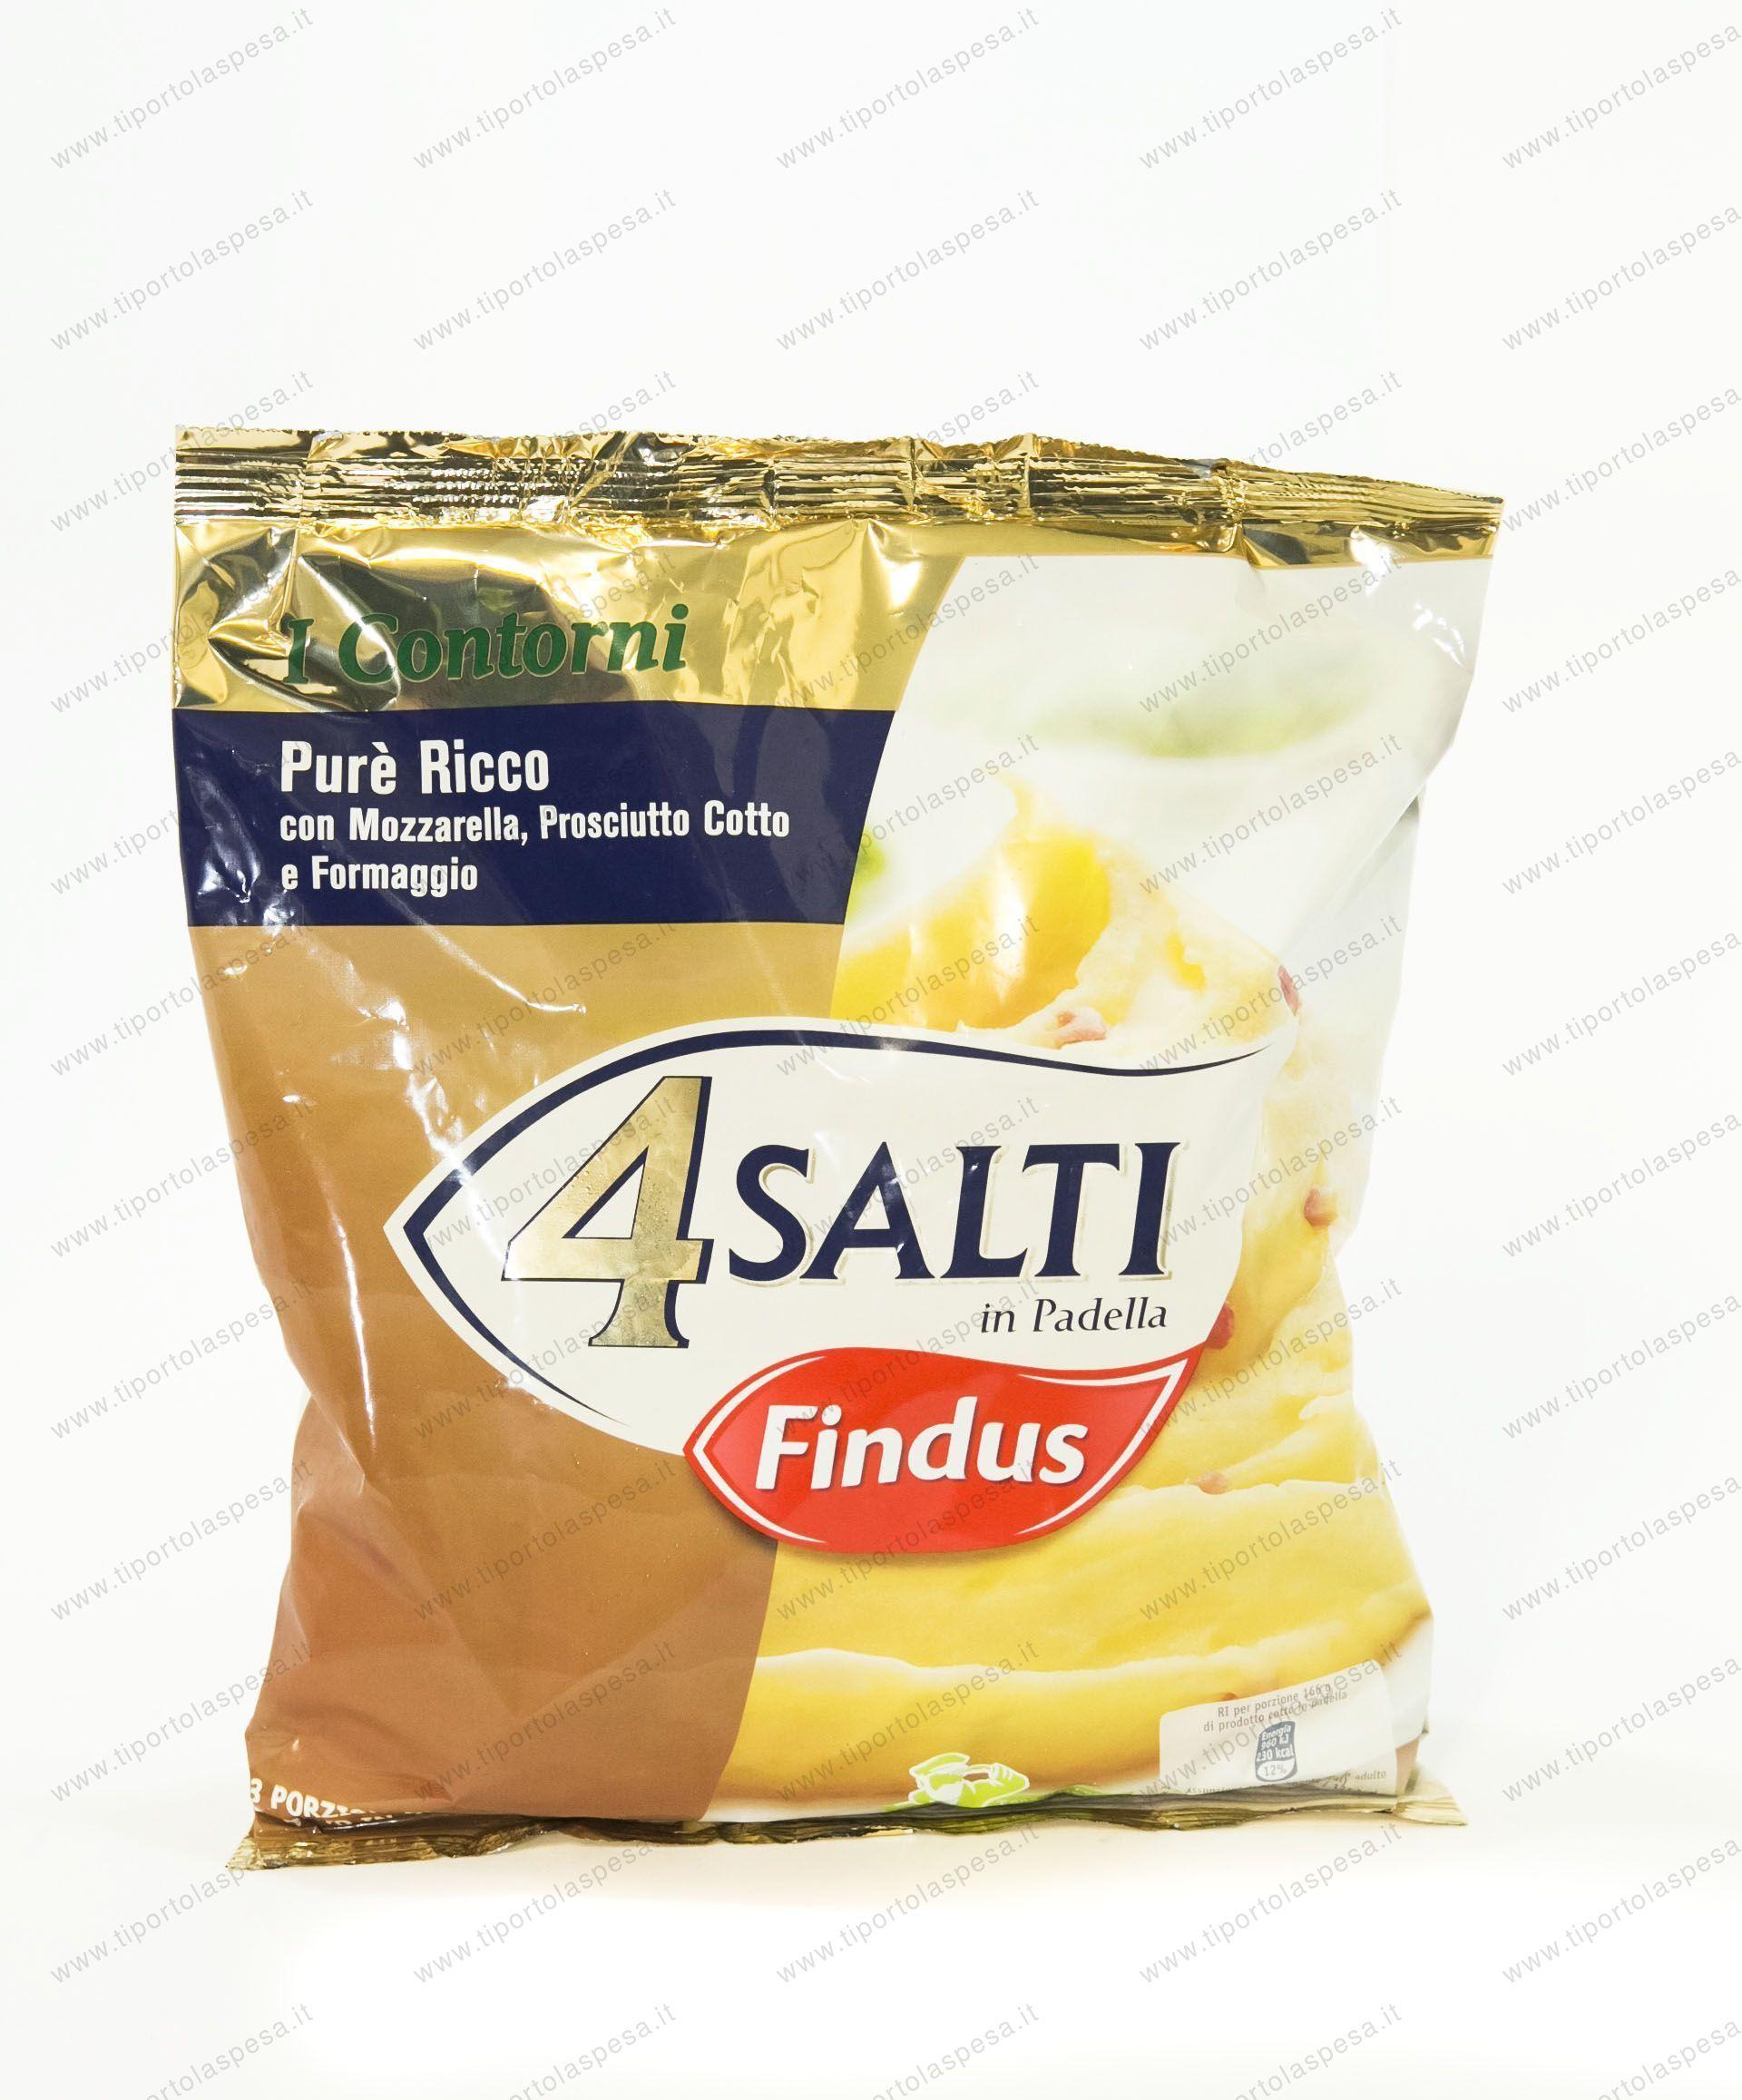 Findus 4 salti in padella pure ricco for Cucinare 4 salti in padella